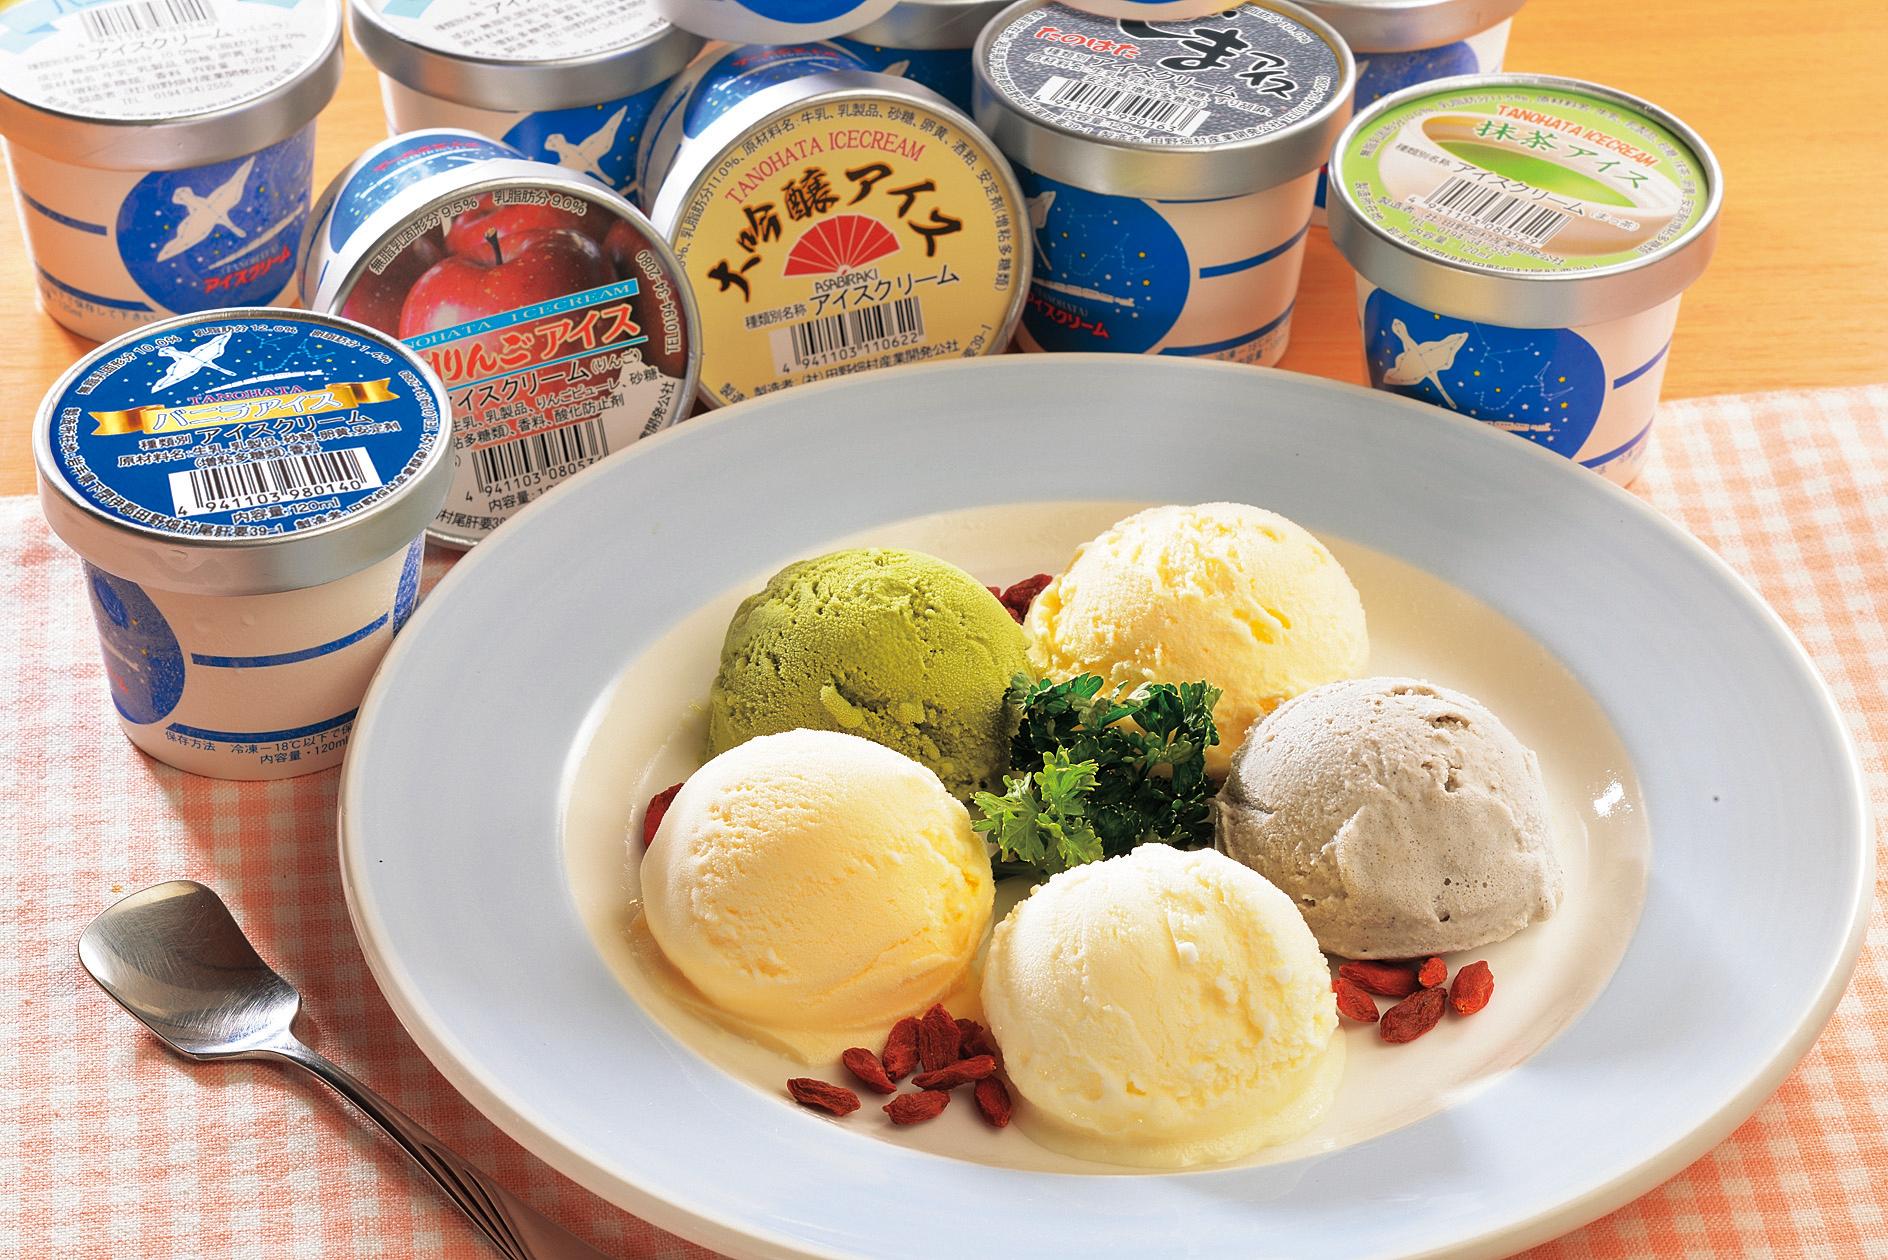 たのはたアイスクリームセット【送料込】の商品画像